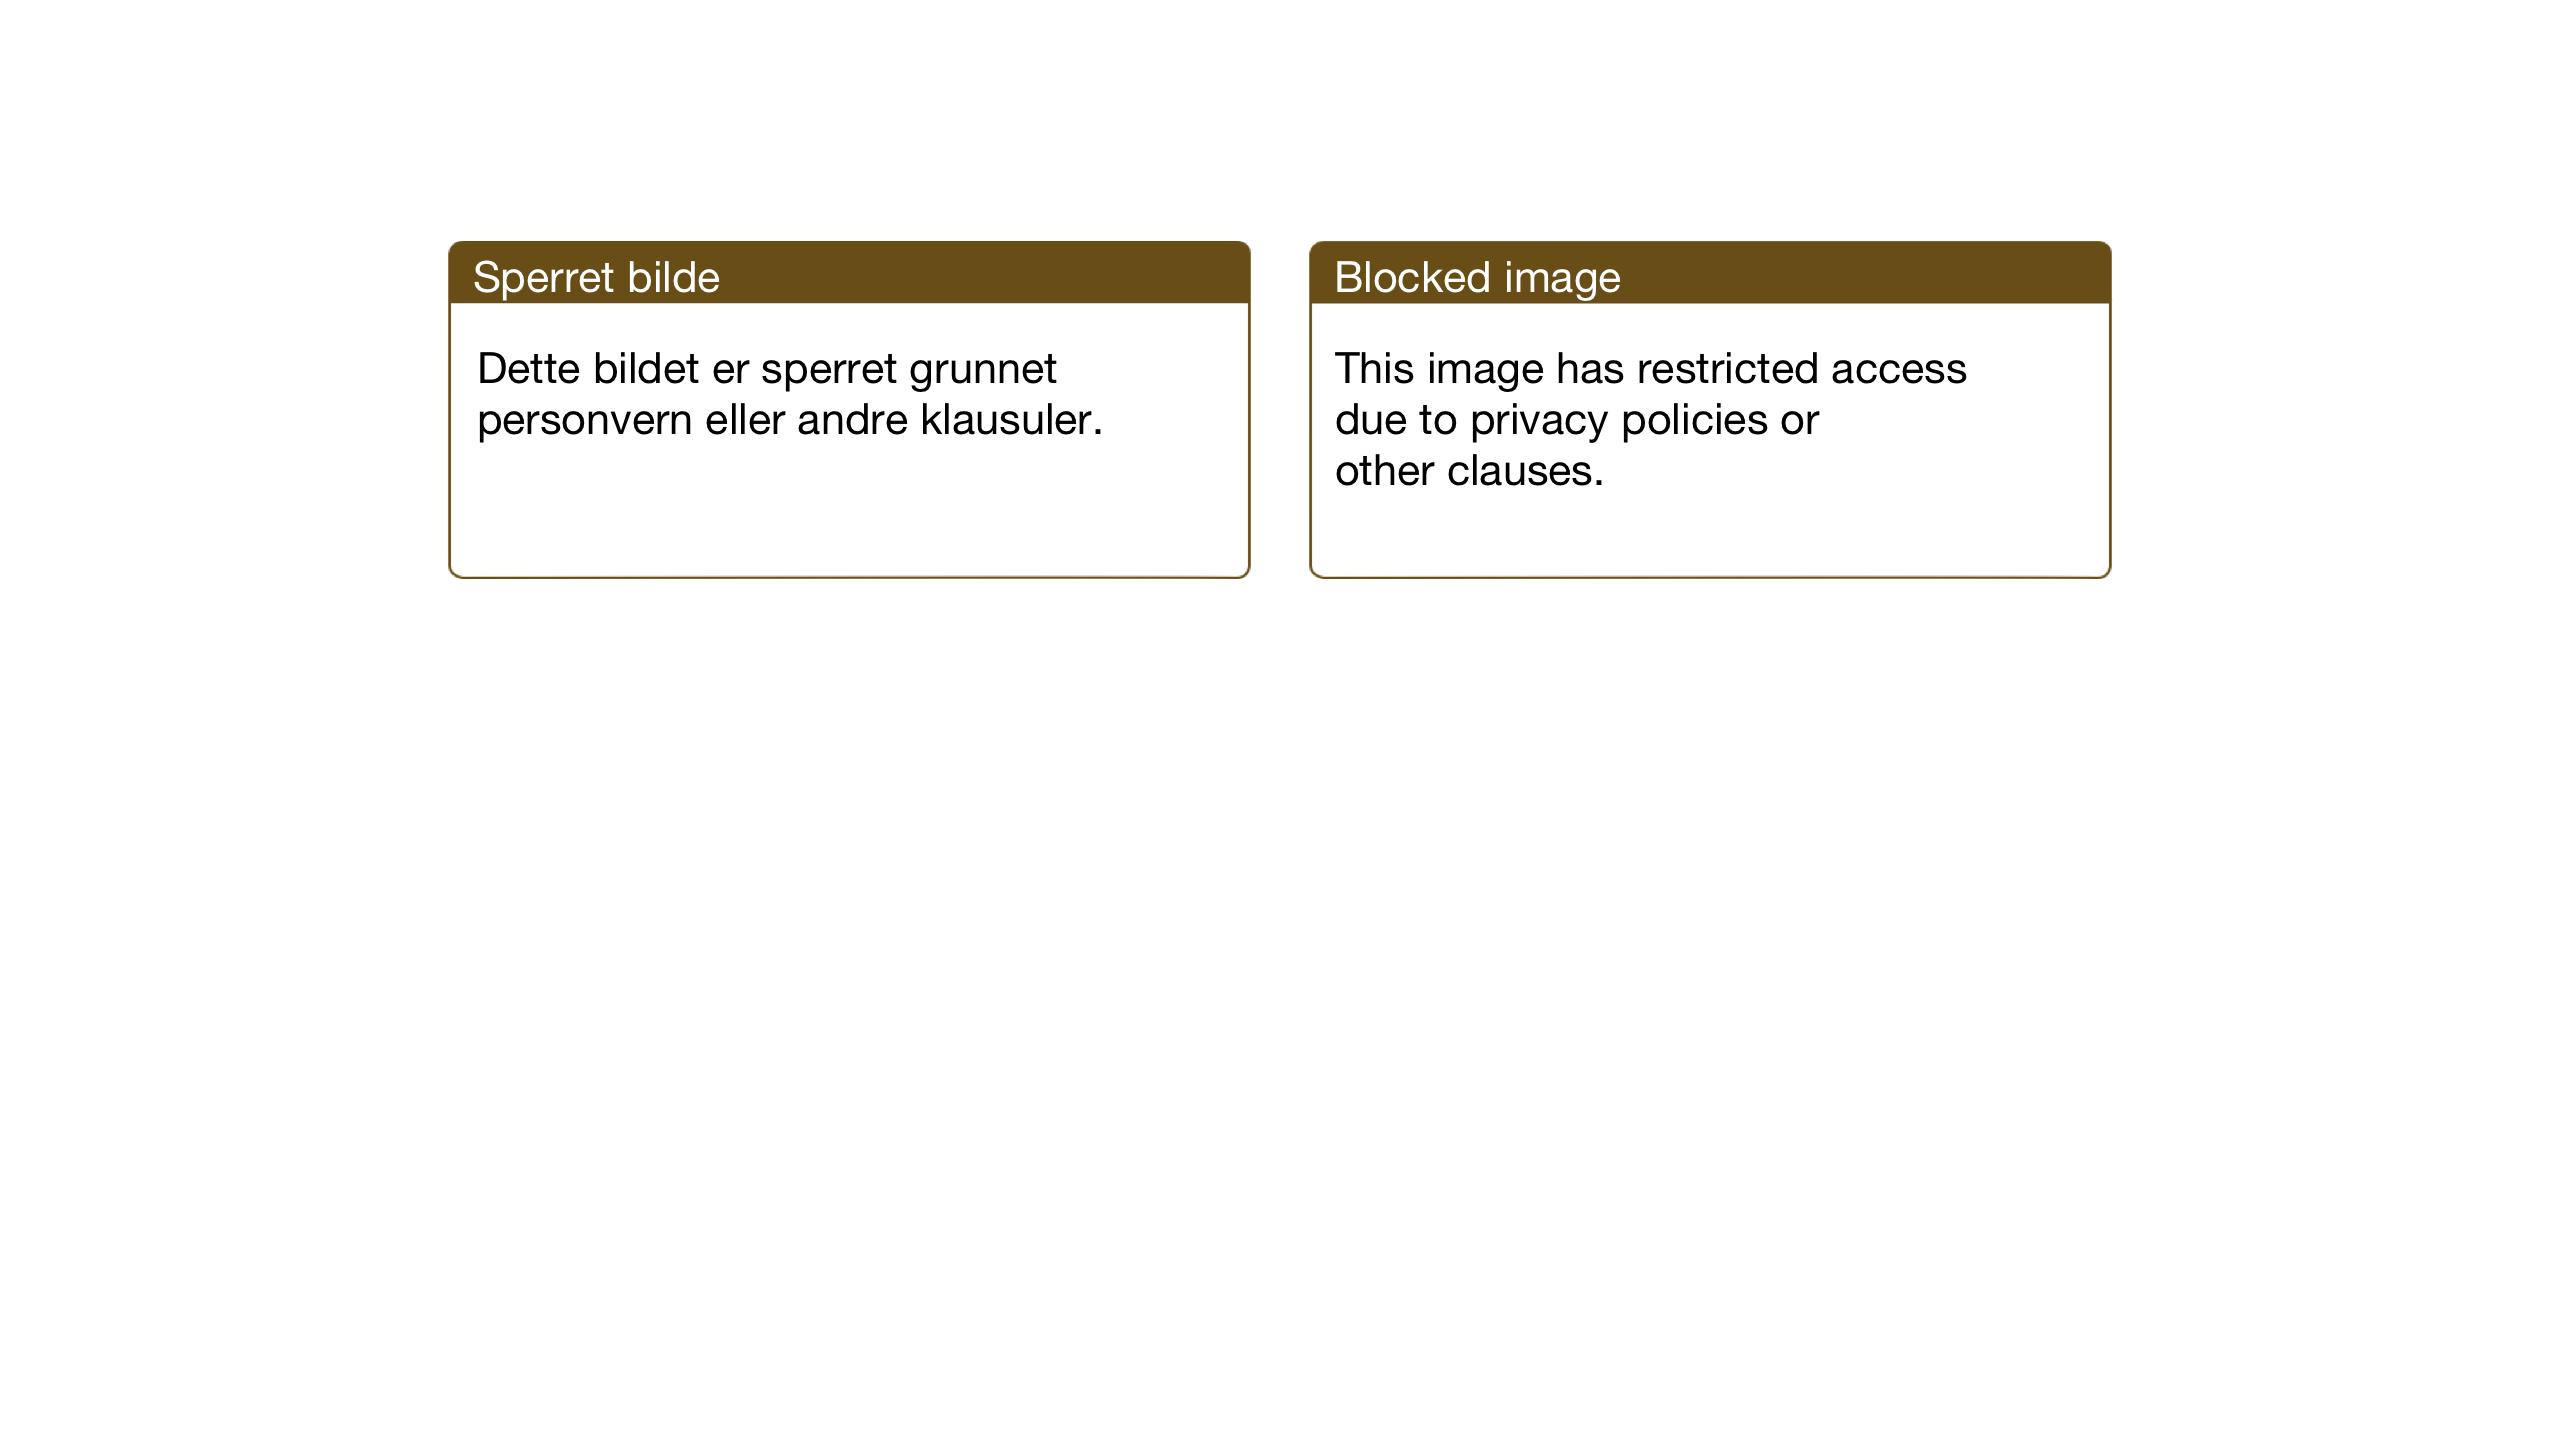 SAT, Ministerialprotokoller, klokkerbøker og fødselsregistre - Sør-Trøndelag, 603/L0174: Klokkerbok nr. 603C02, 1923-1951, s. 143